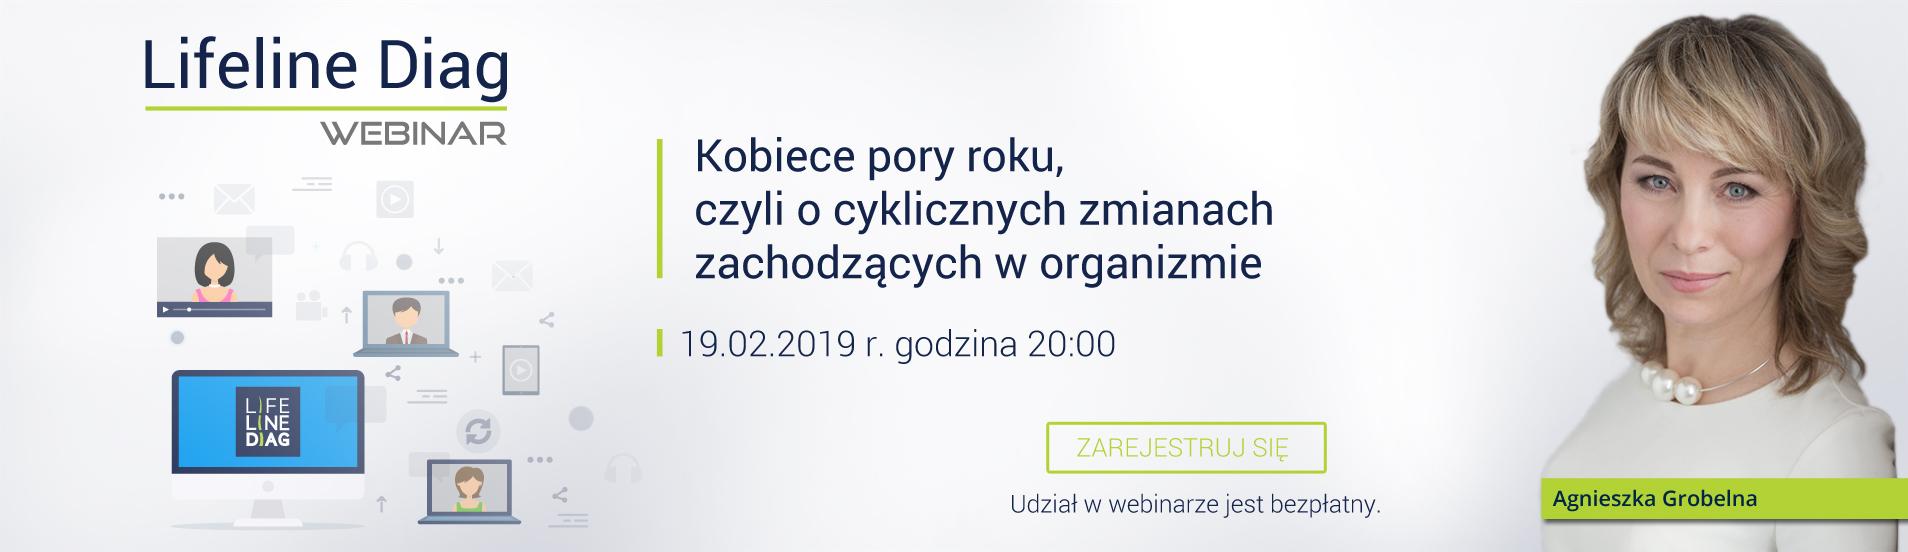 webinar 19.02.2019